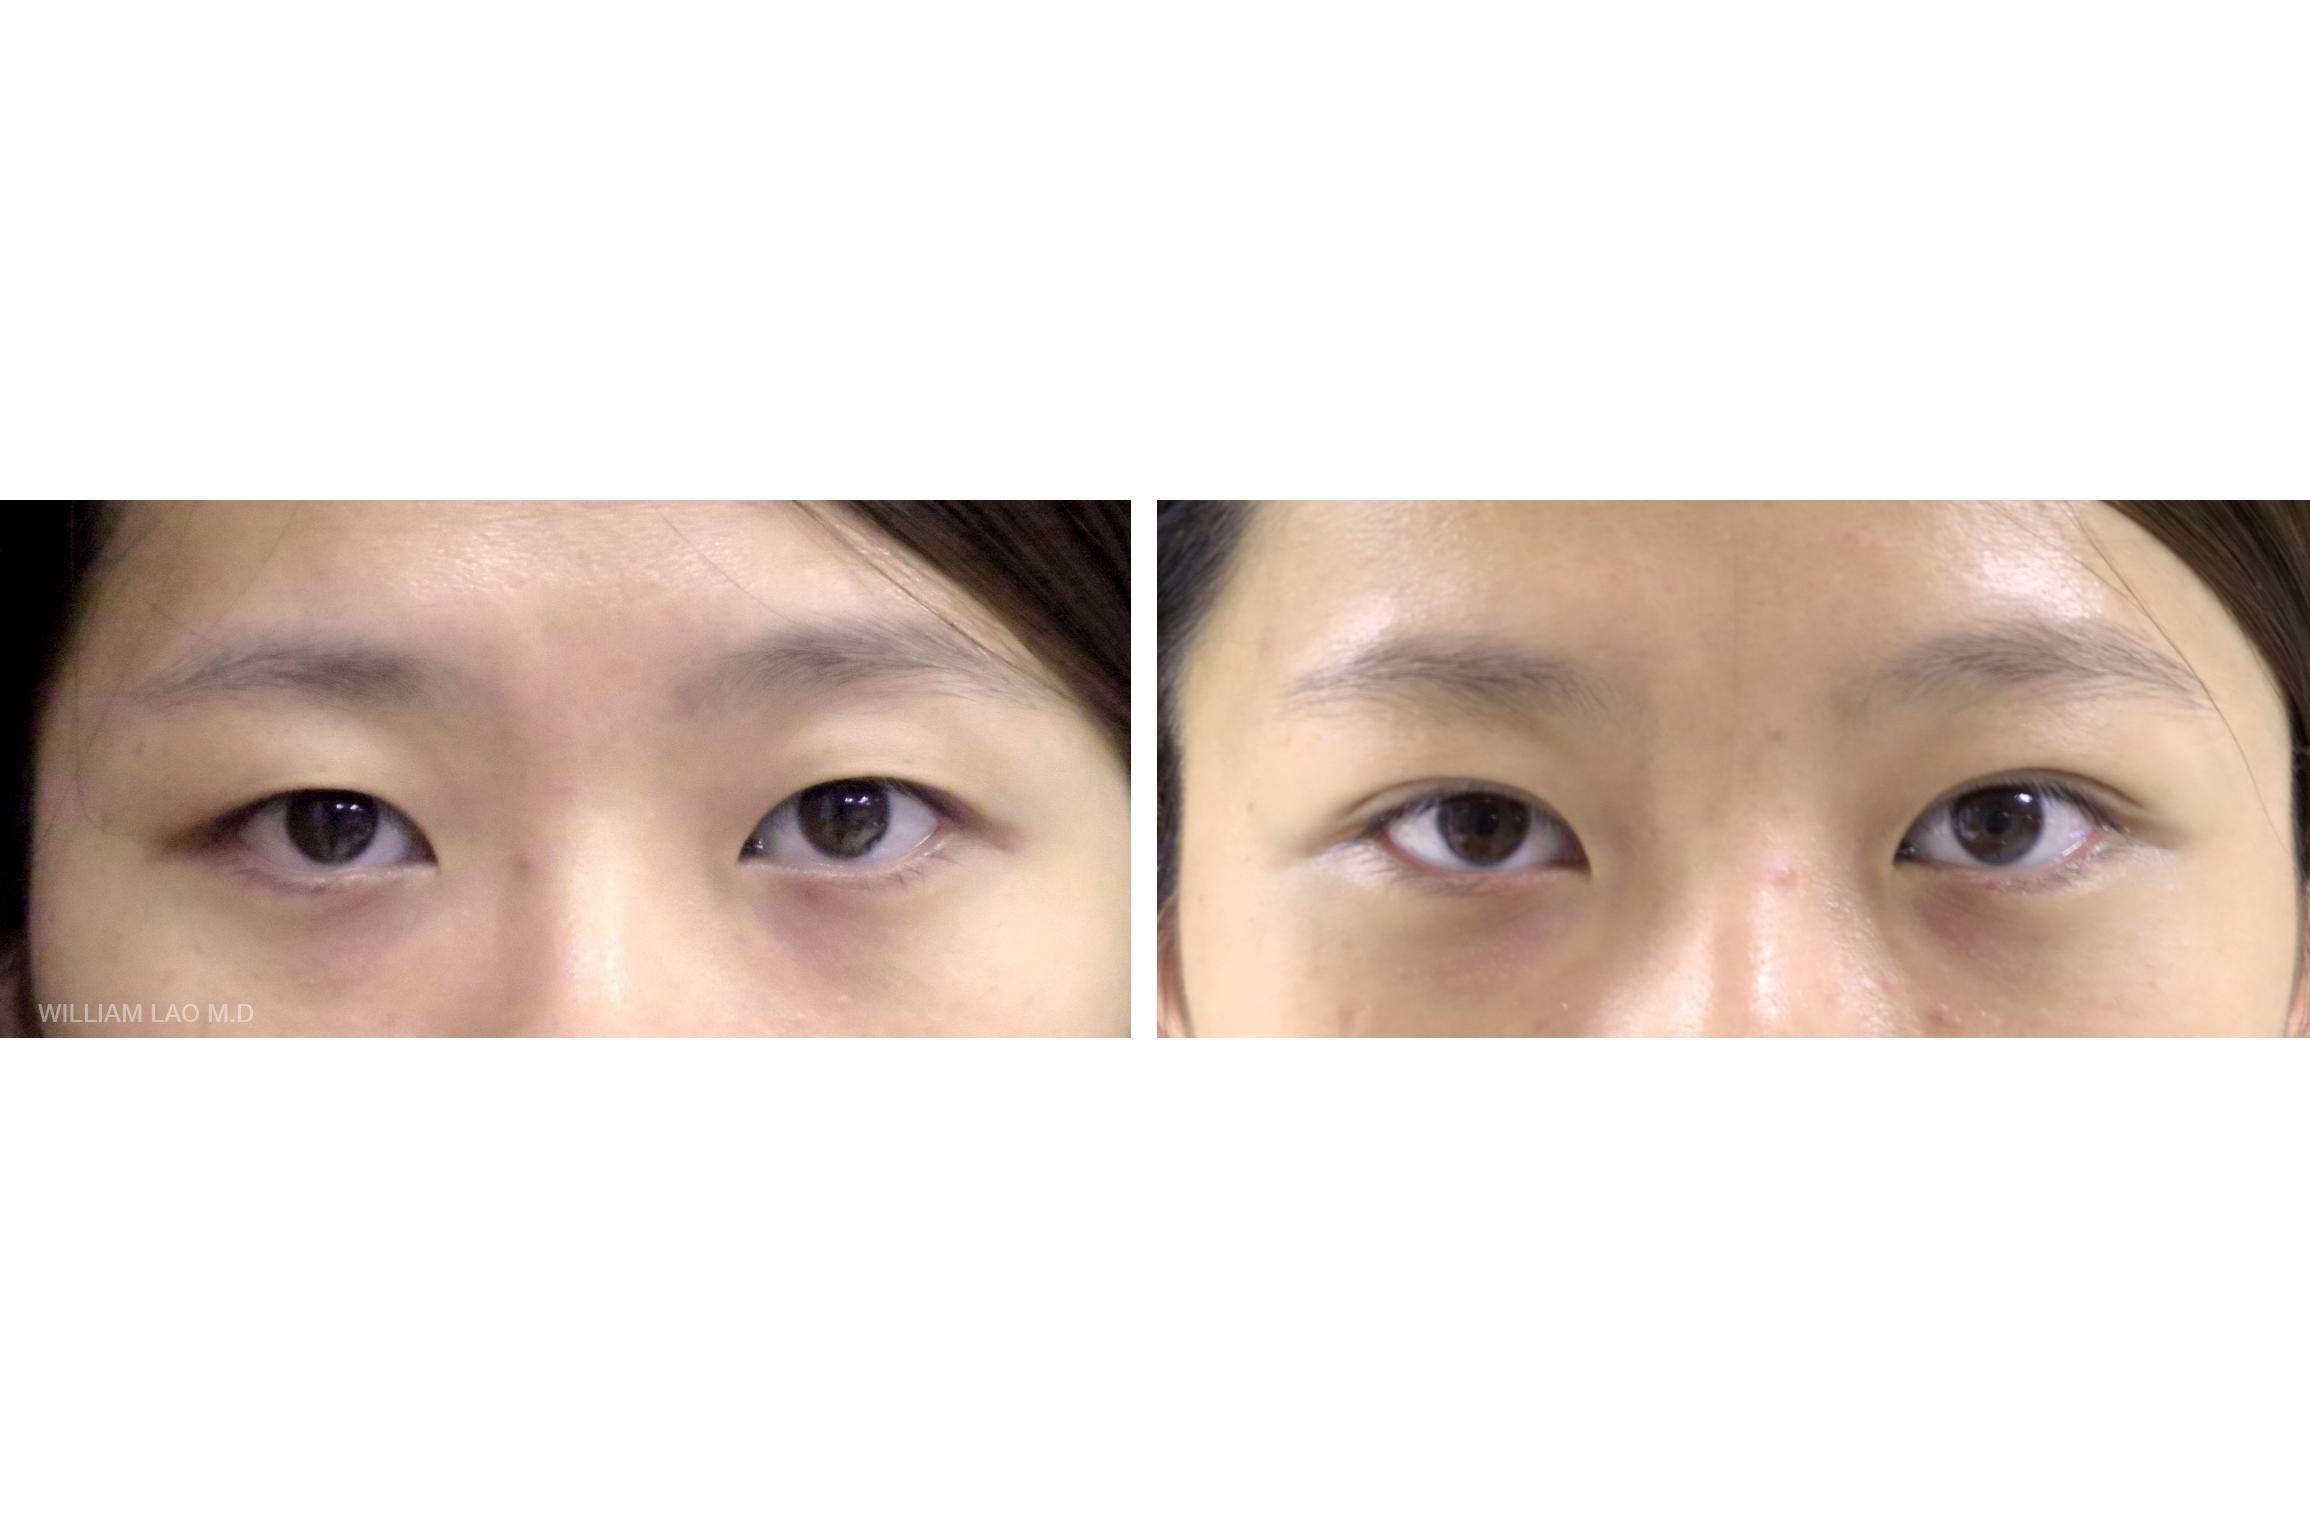 H,25 歲,亞裔   H 從以前就一直靠著眼皮貼膠帶來做出雙眼皮的效果,但是貼久了皮就越來越鬆,到後來也越來越難貼。 她希望有更一勞永逸的方法和不要太寬自然的雙眼皮。 進行簡單的手術後,她再也不用每天和膠帶奮鬥了!   瞭解更多